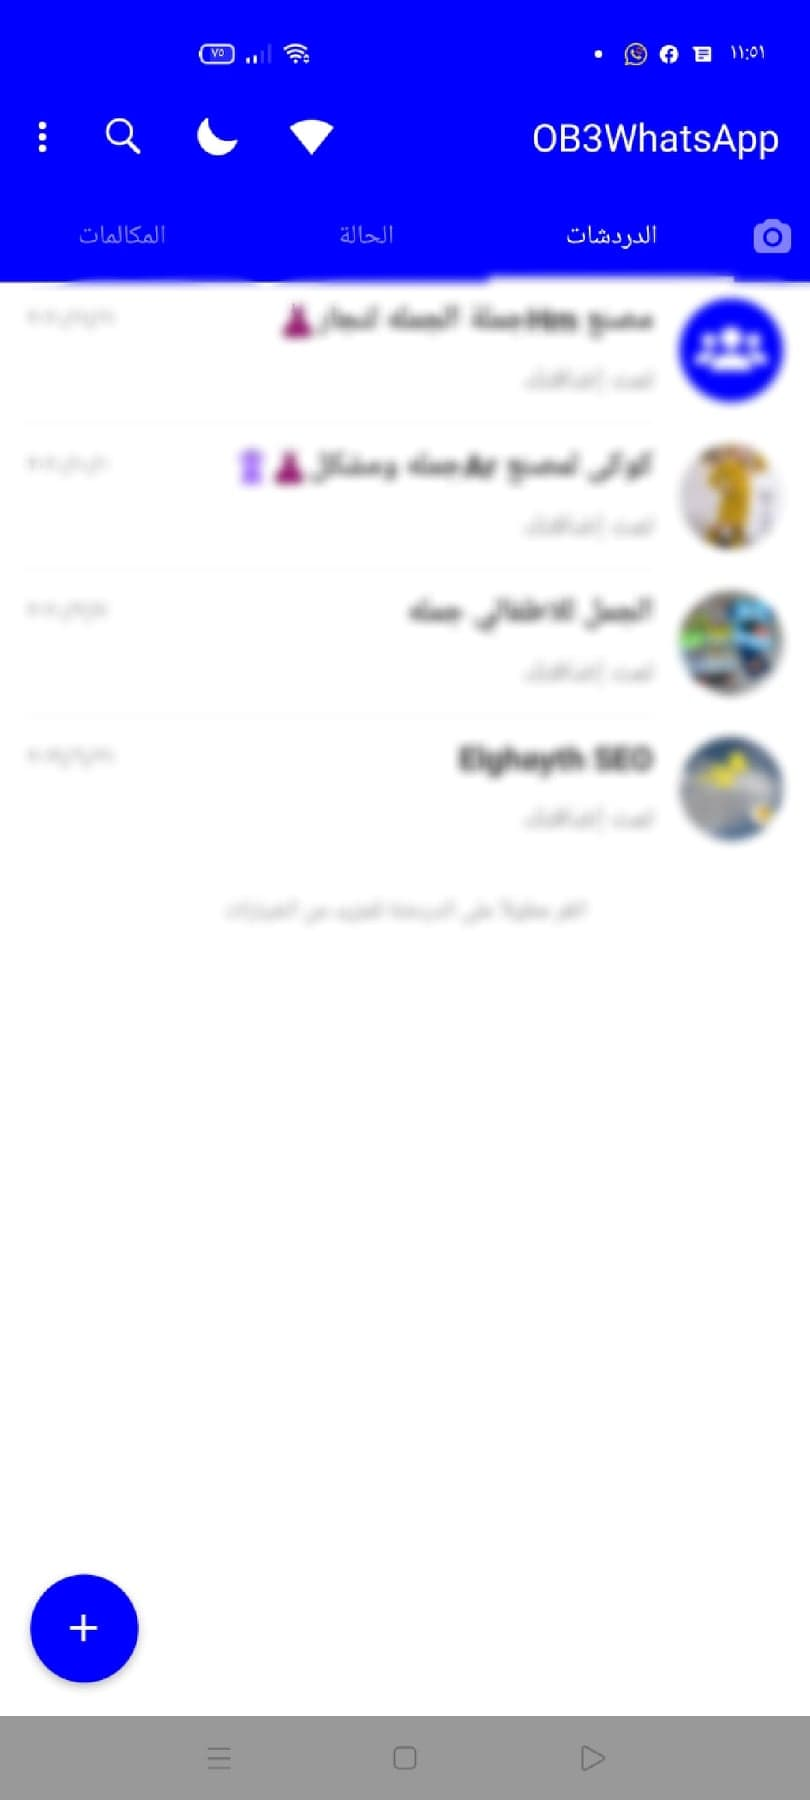 واتساب عمر الازرق3 واتساب عمر الوردي Obwhatsapp جميع النسخ اخر اصدار 2020 مجانًا للاندرويد